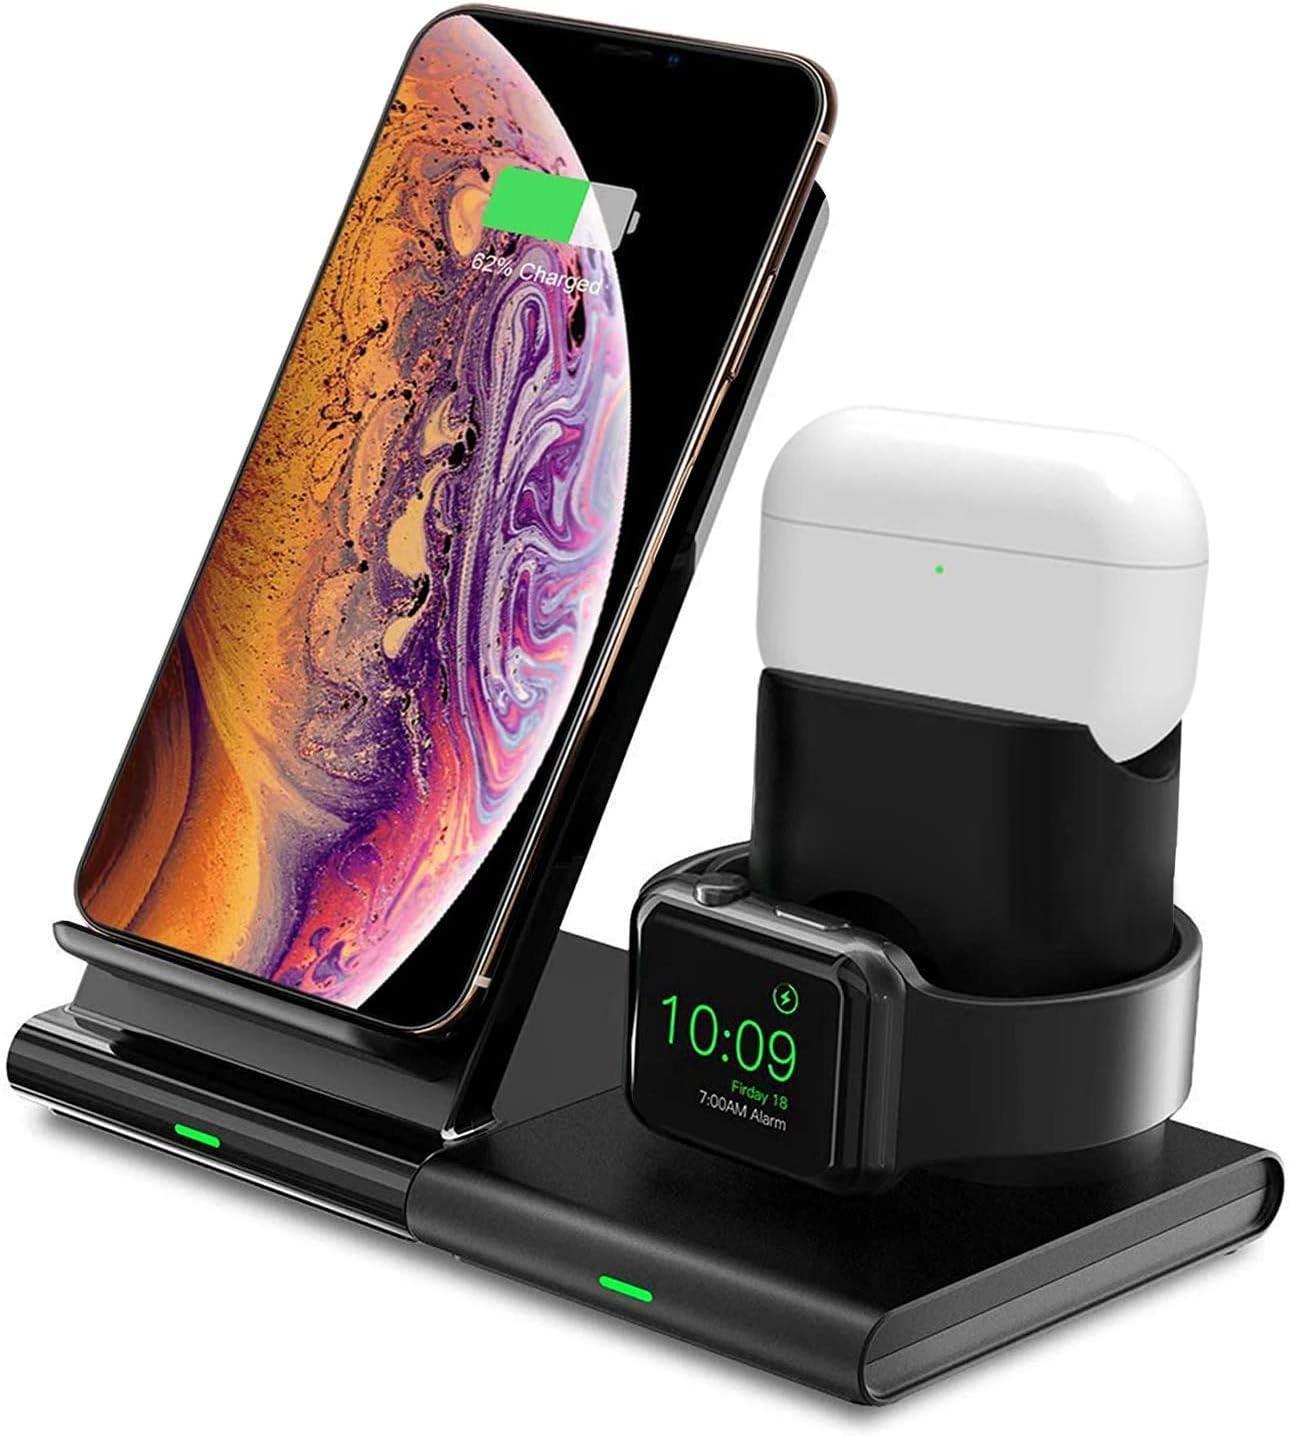 Hoidokly Cargador Inalámbrico, 3 en 1 Soporte de Carga para iPhone y Apple Watch, Base de Carga Rápida para iWatch 2/3/4/5, AirPods Pro, iPhone SE/11/11 Pro MAX/XS MAX/X(No Cable de Carga del iWatch)